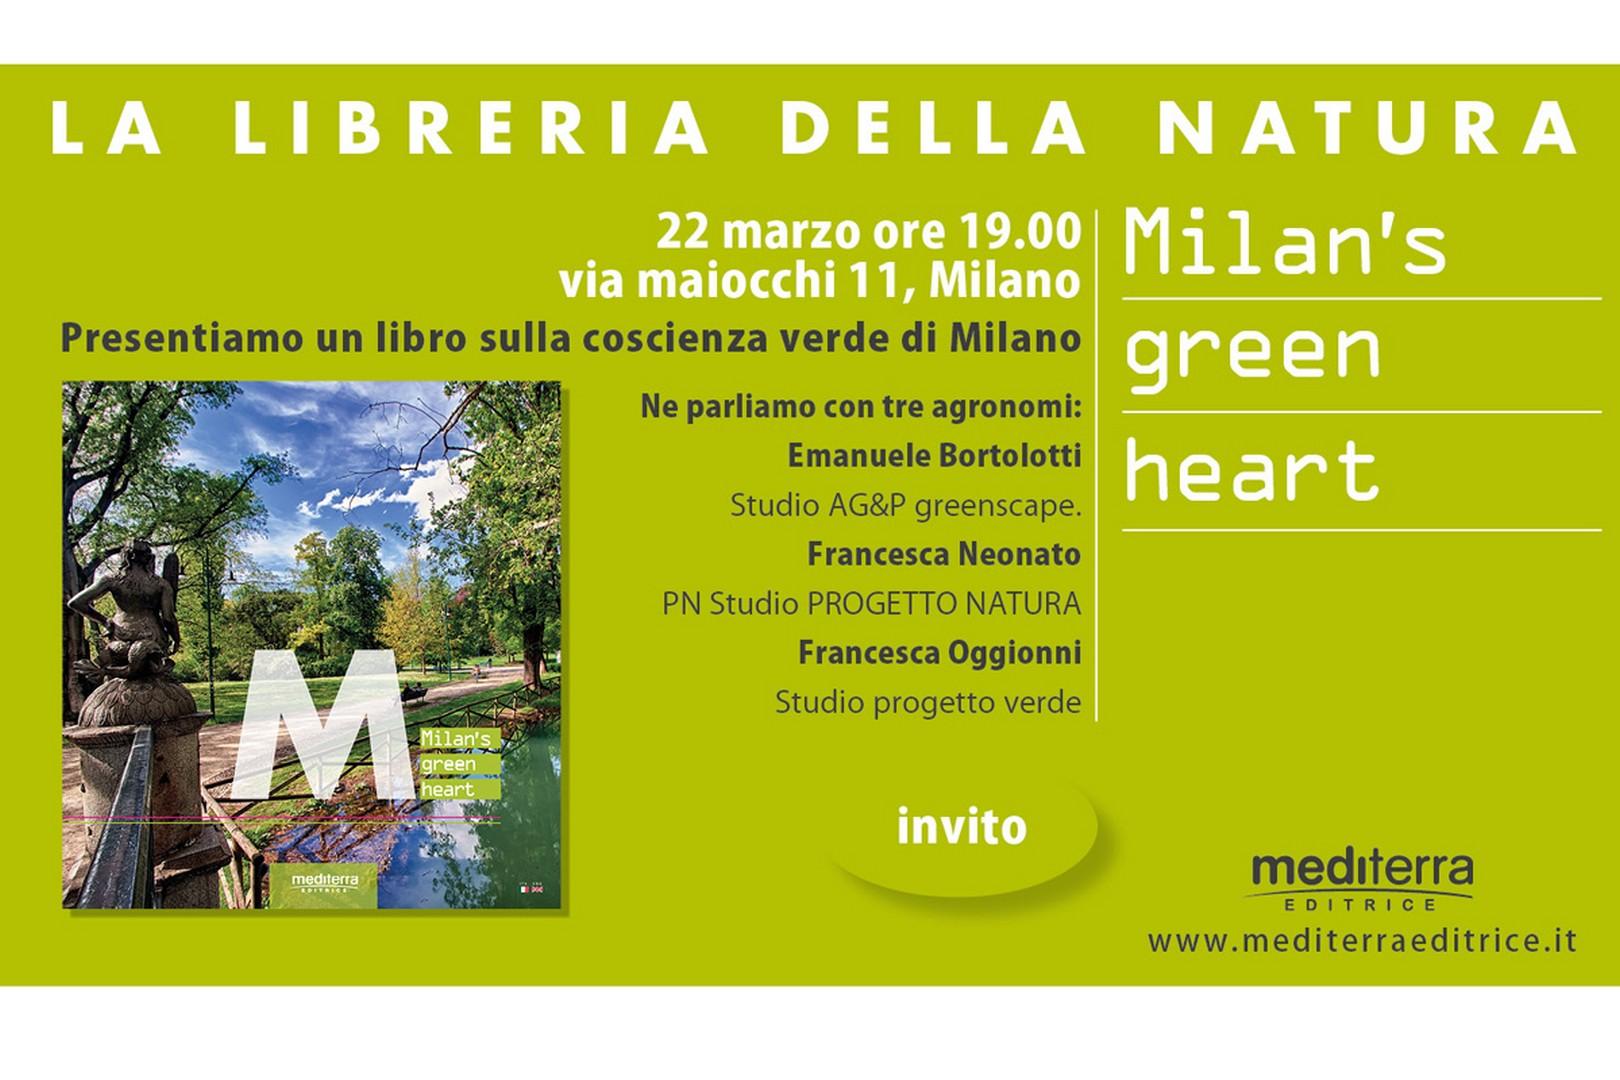 Evento Milan's green heart